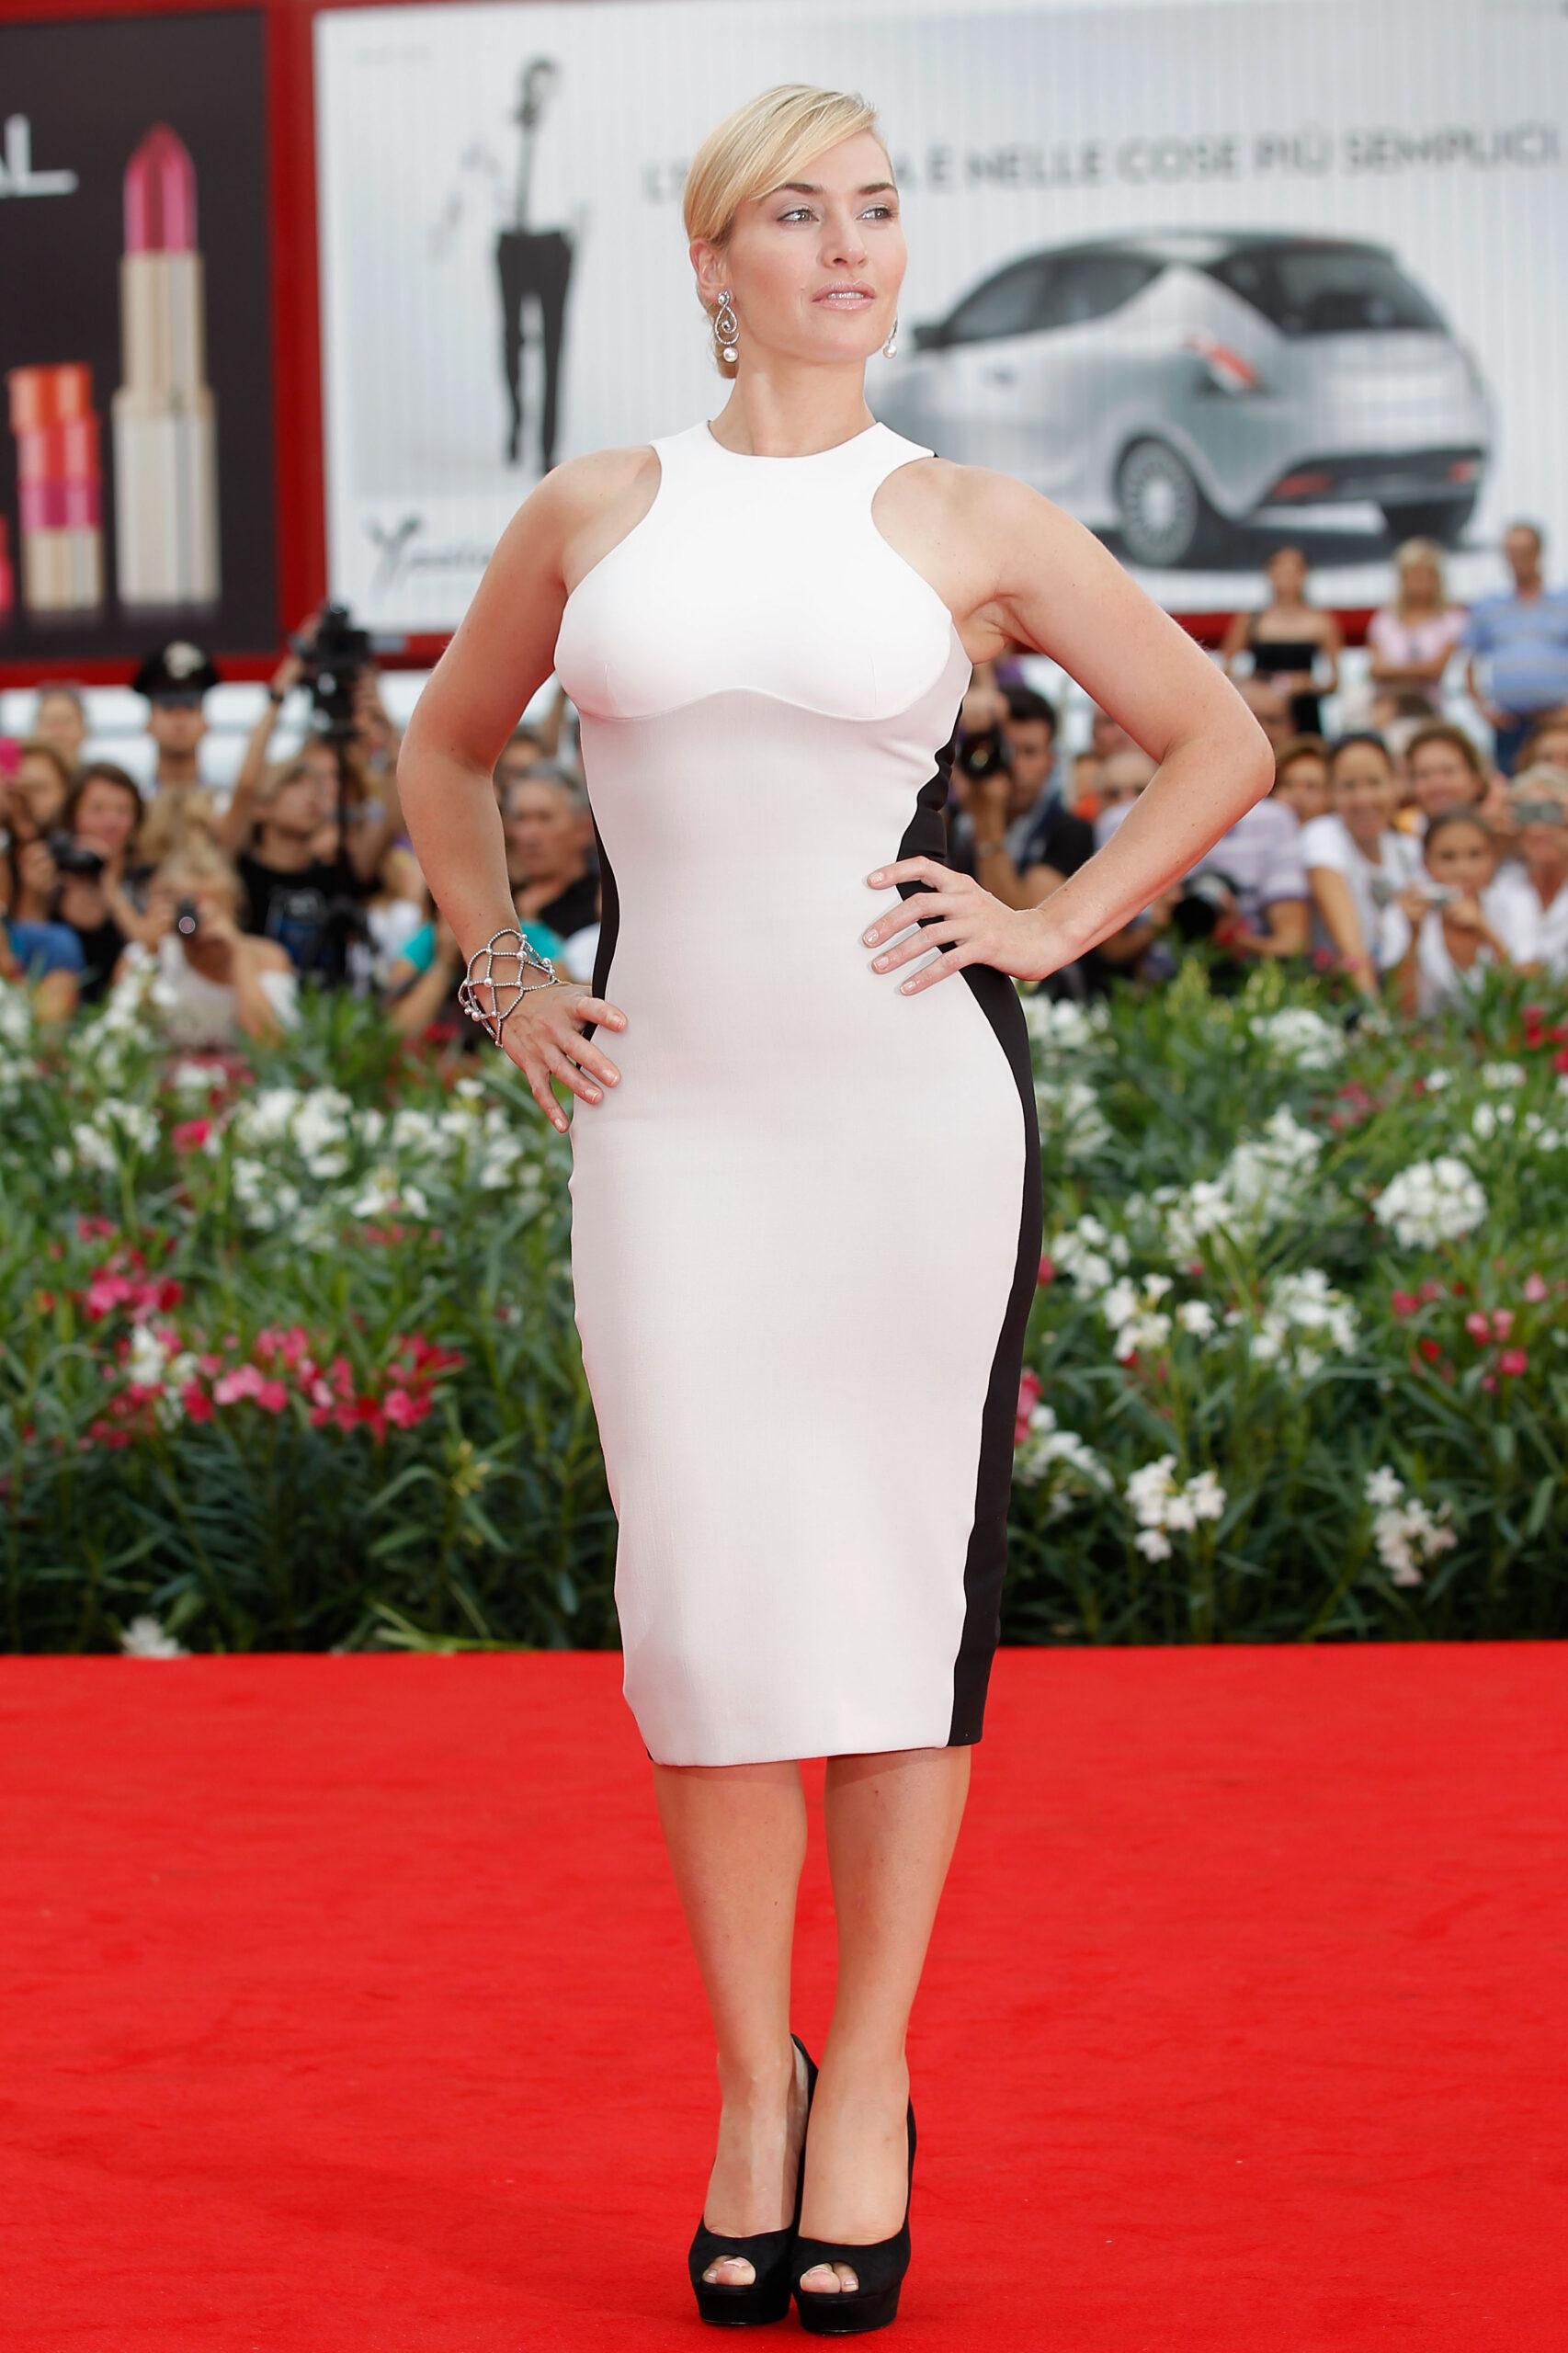 Kate Winslet cioastyle.it